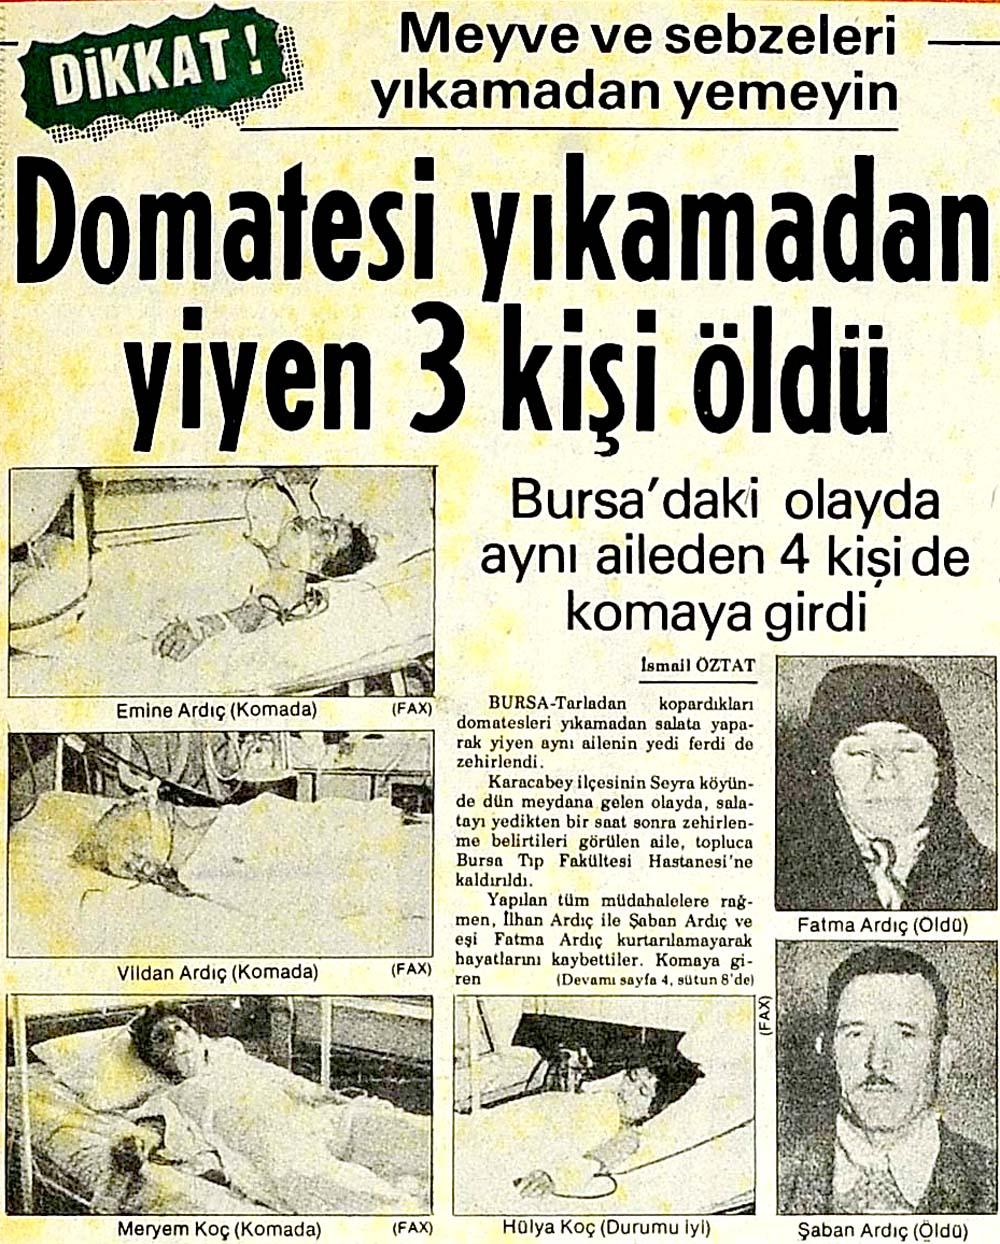 Dikkat! Domatesi yıkamadan yiyen 3 kişi öldü